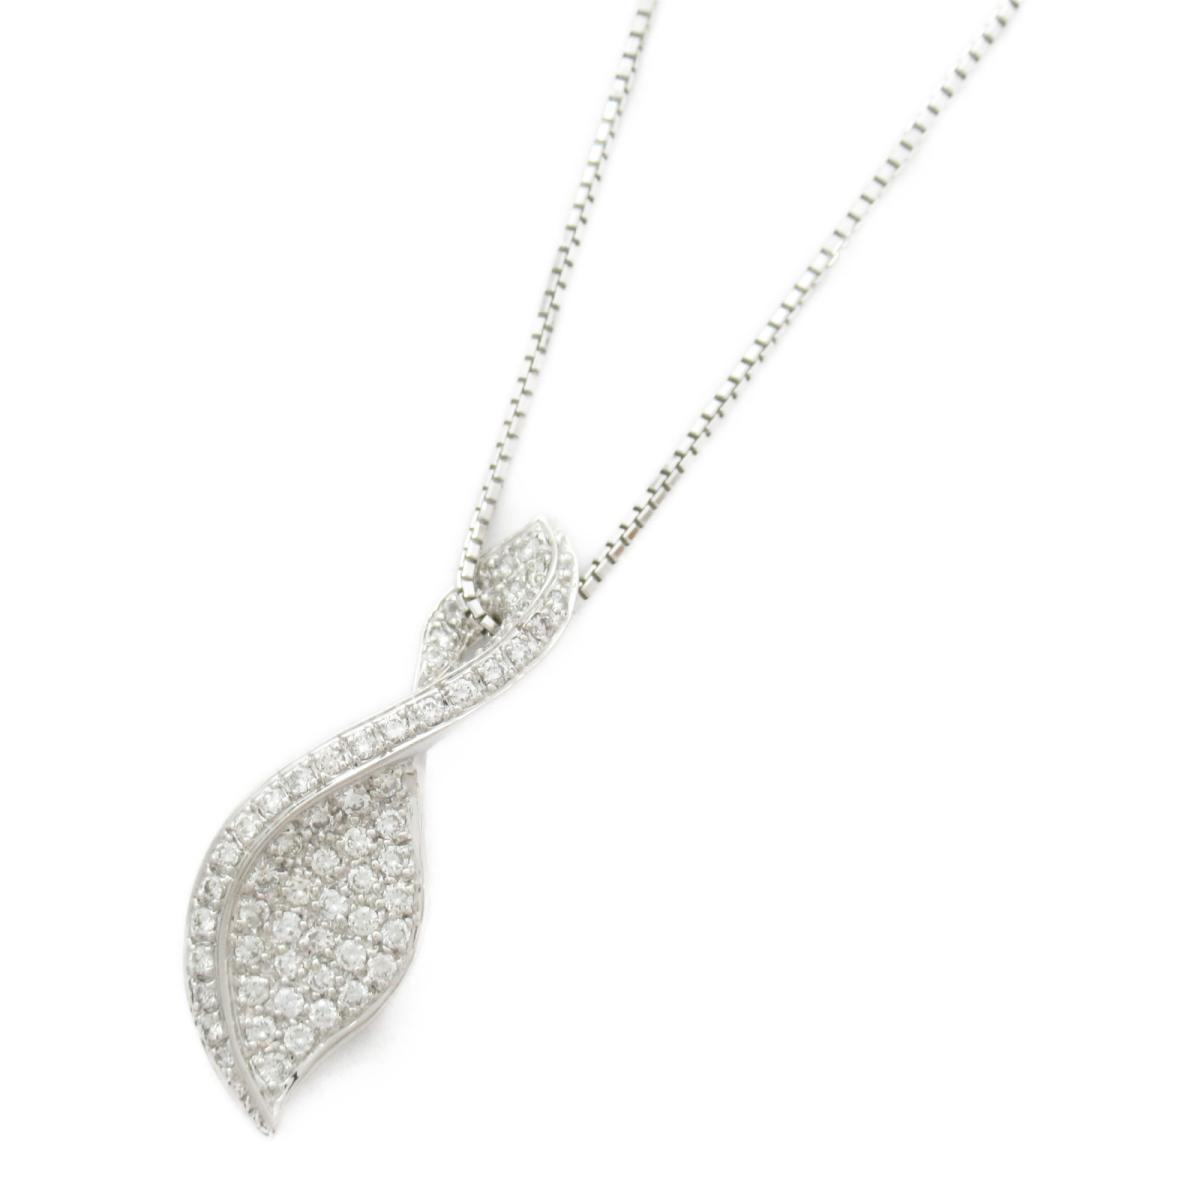 【中古】ジュエリー ダイヤモンド ネックレス レディース K18WG(750) ホワイトゴールド x 18Kホワイトゴールド x ダイヤモンド0.57CT